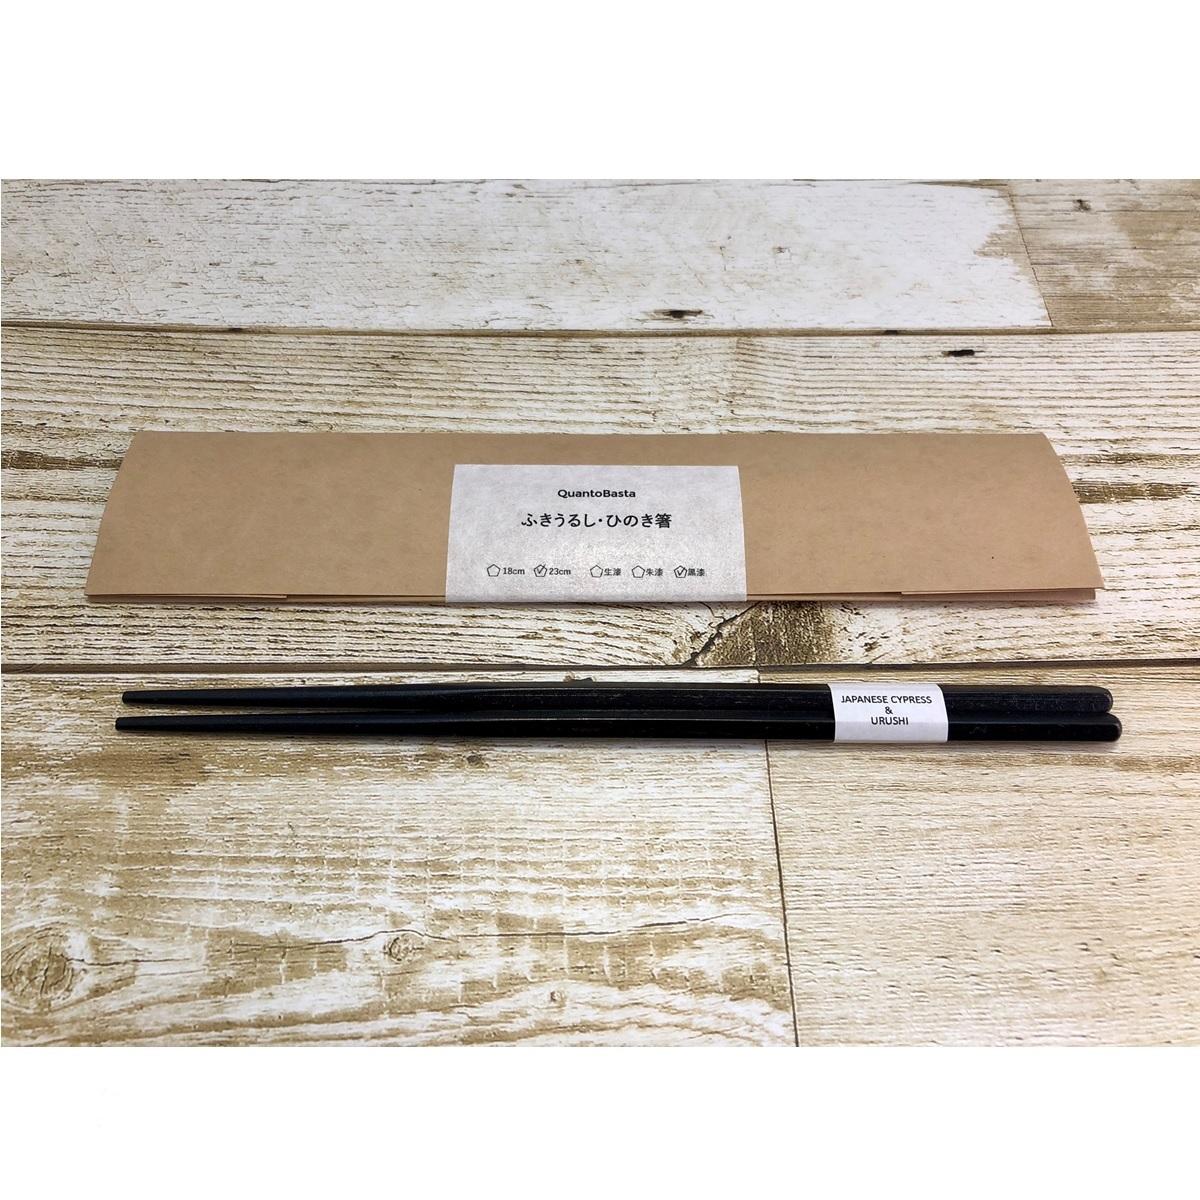 クァントバスタ| 無添加箸(黒漆)23cm